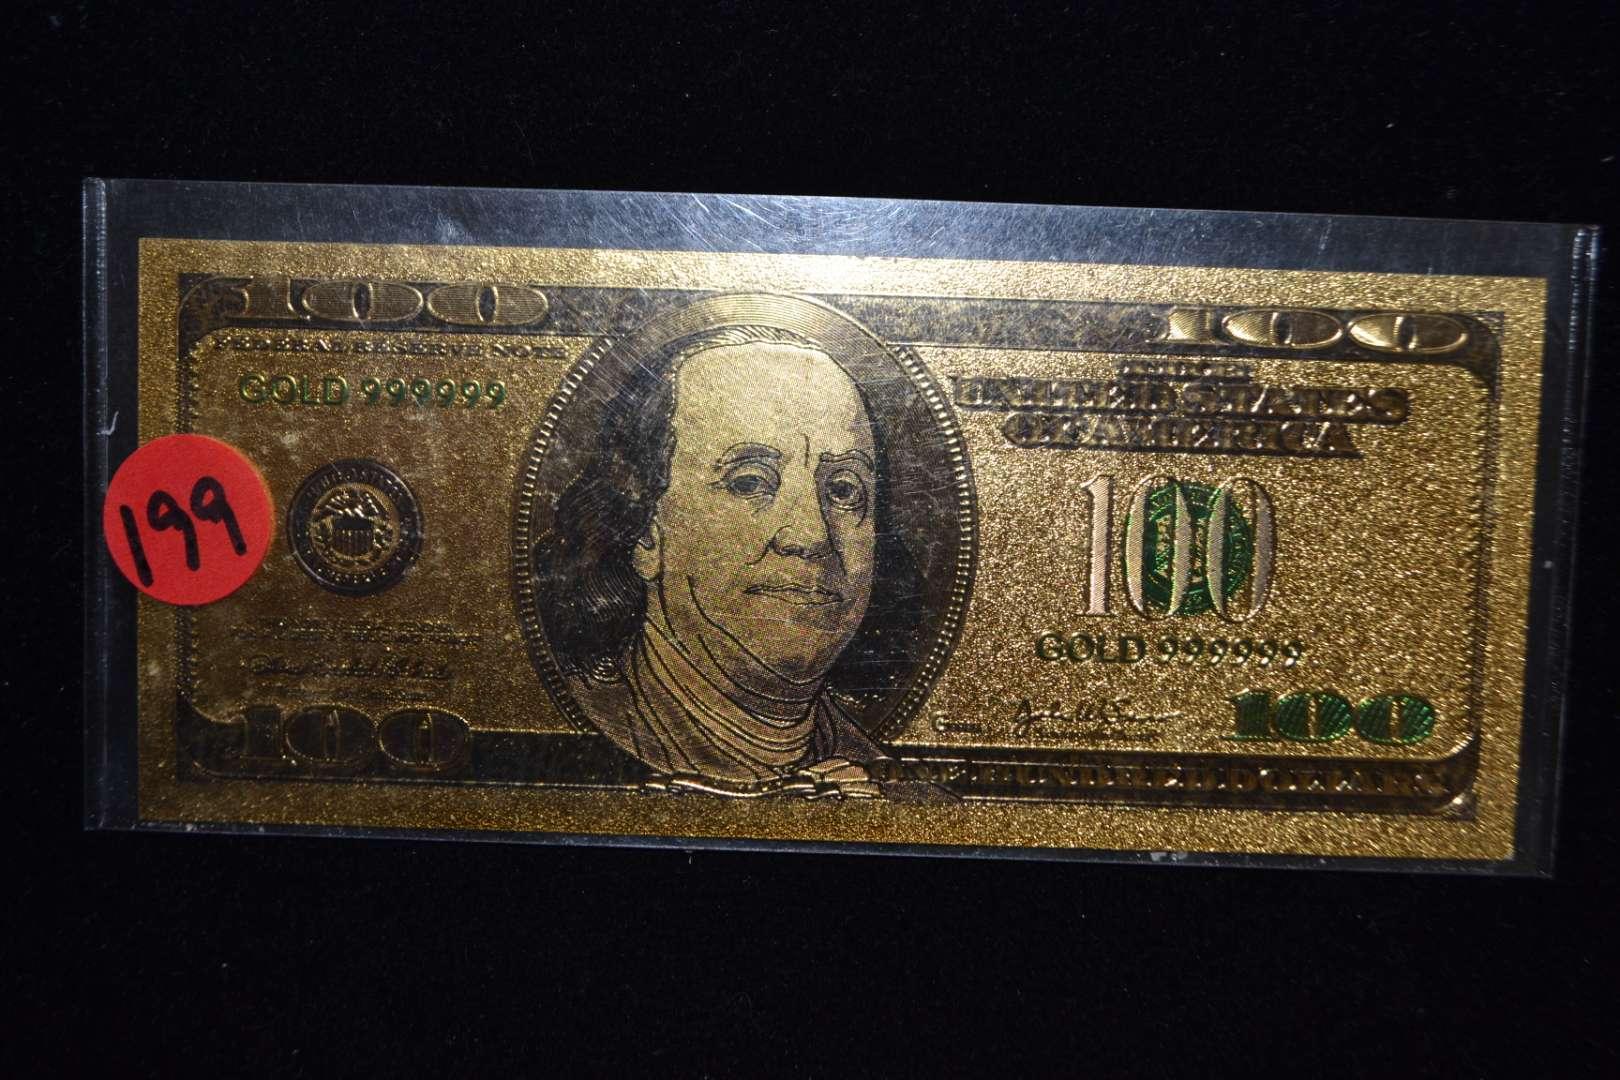 Lot # 199 24KT GOLD $100 DOLLAR BILL